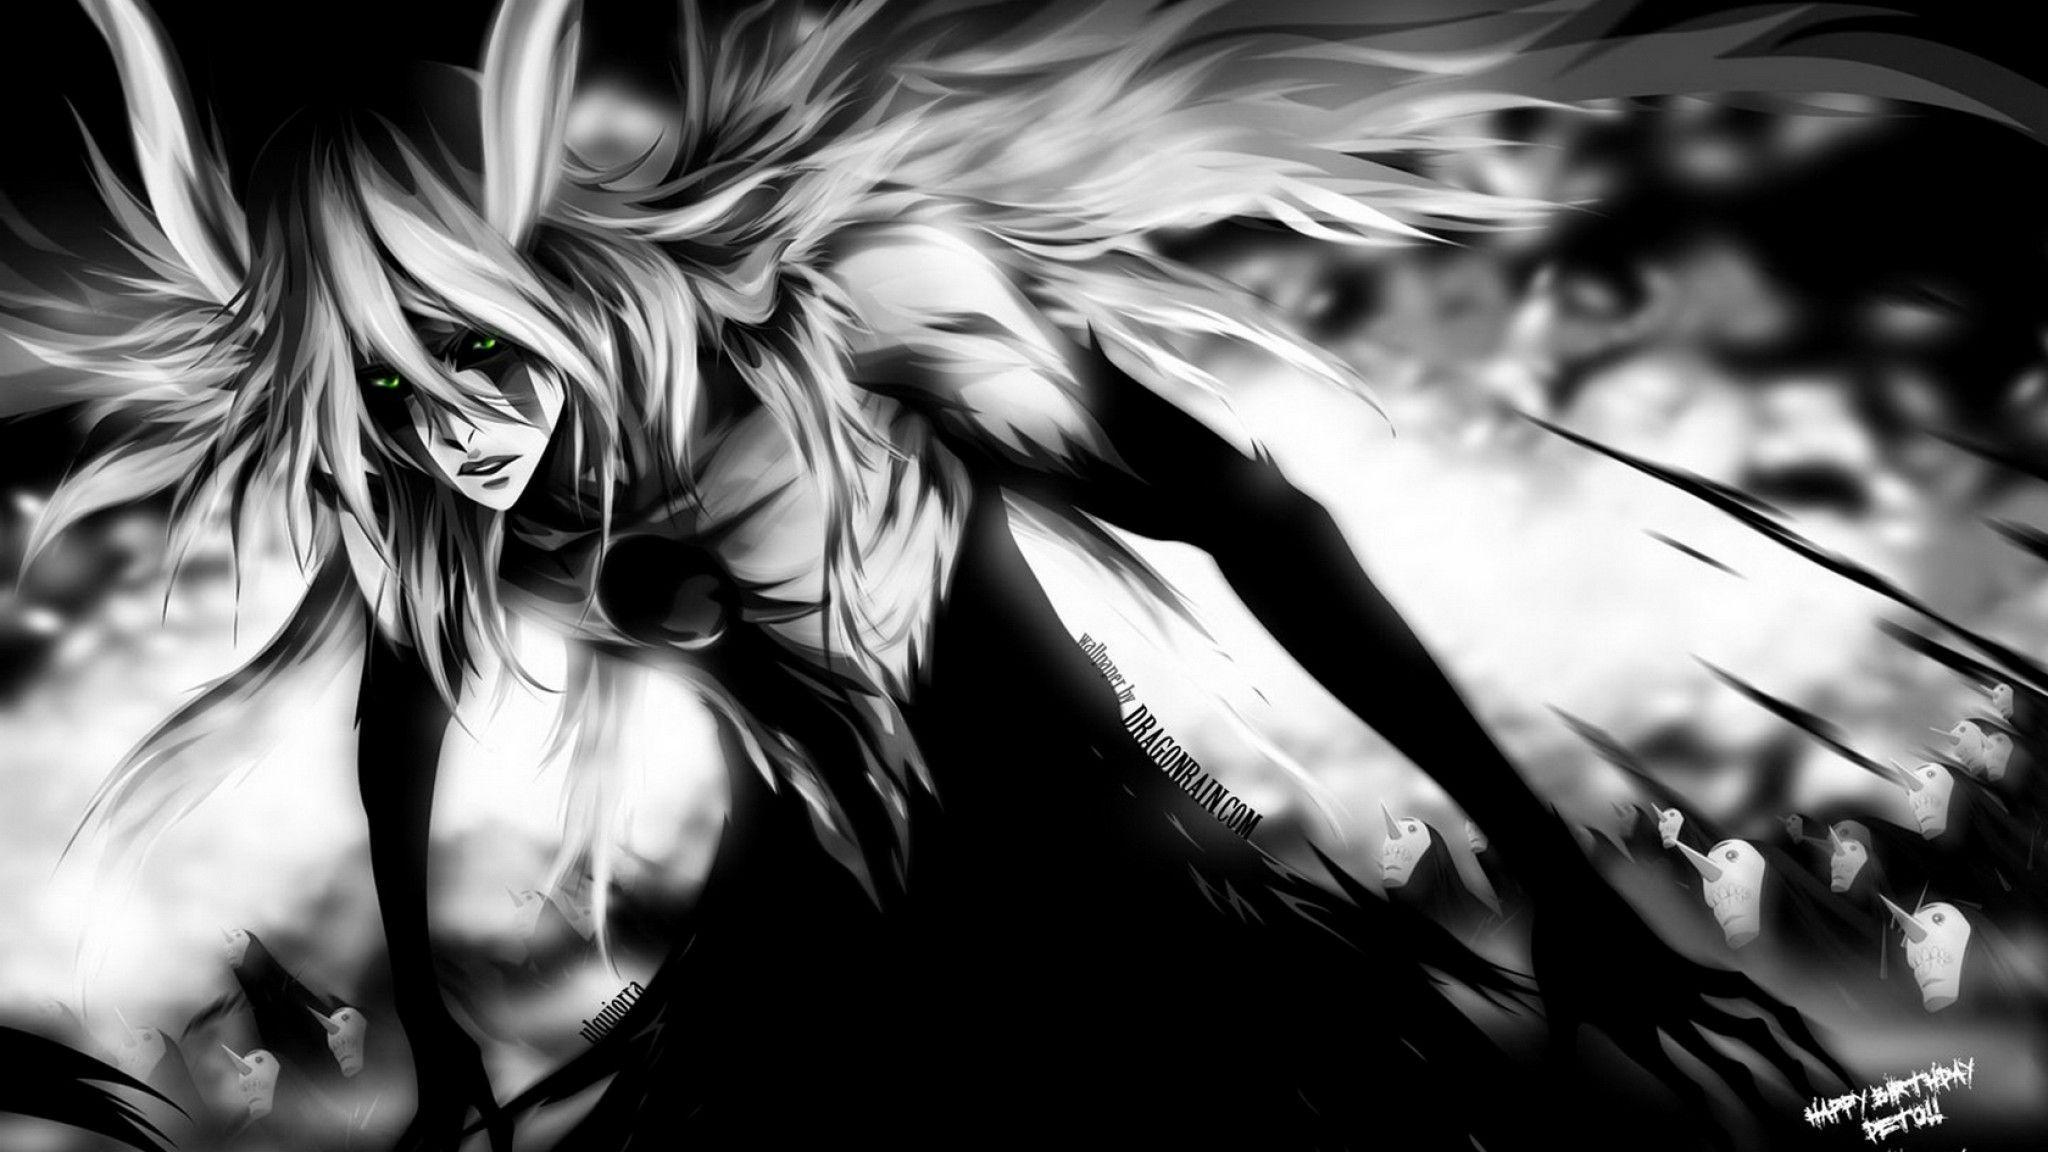 2048x1152 HD Anime Wallpaper Album trên Imgur.  Hình nền HD